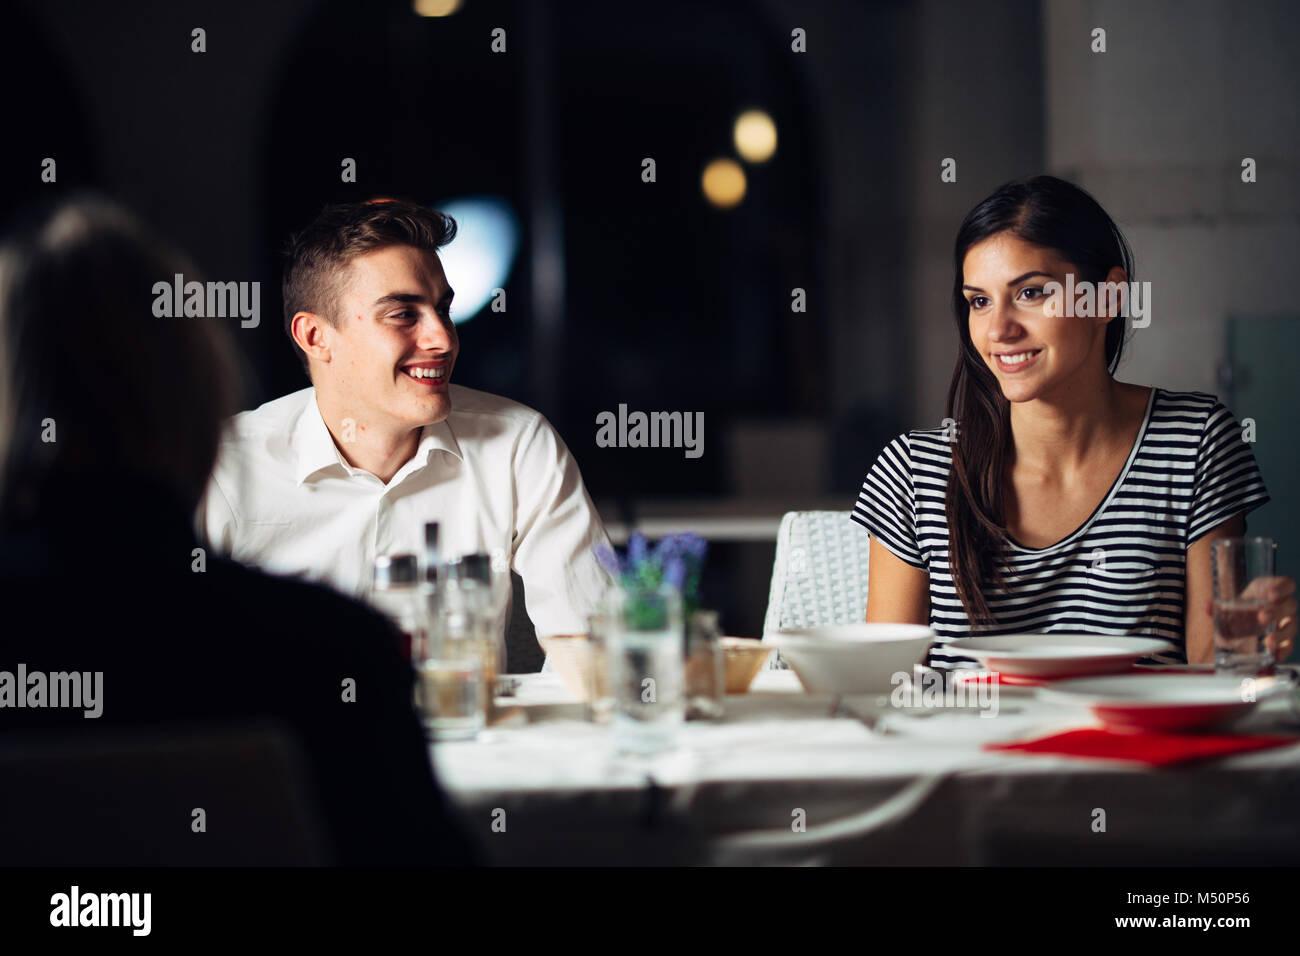 Groupe d'amis ayant un dîner dans un restaurant.Double date.Belle nuit les gens, manger dans un hôtel.personnes Banque D'Images